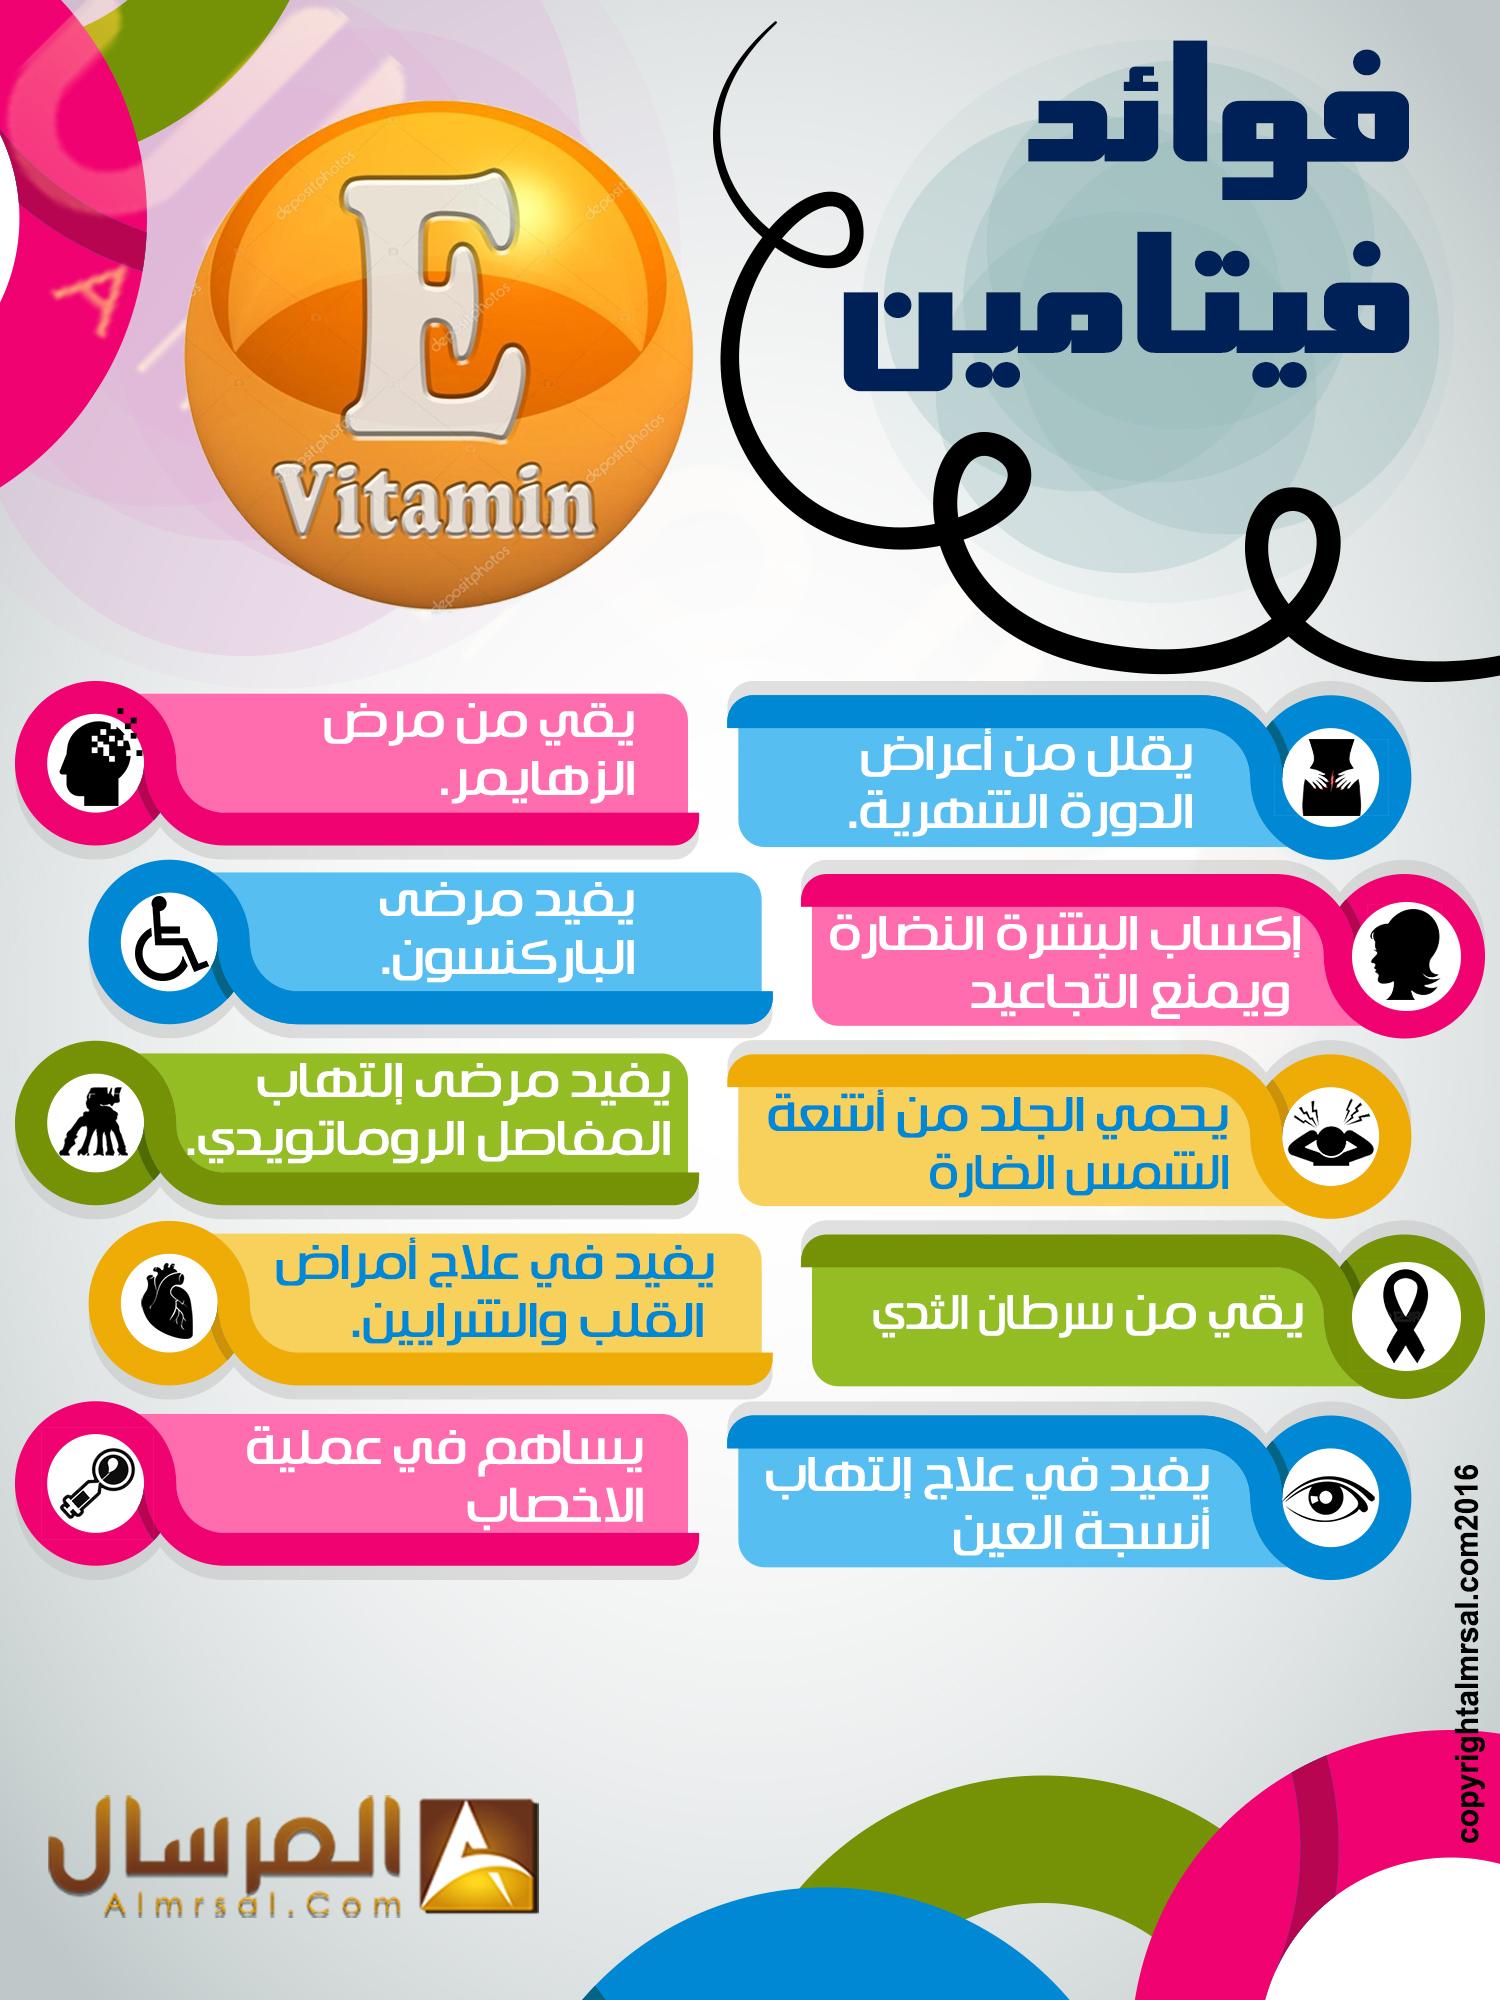 اين يوجد فيتامين e اي E وماهي فوائد هذا الفيتامين - المرسال